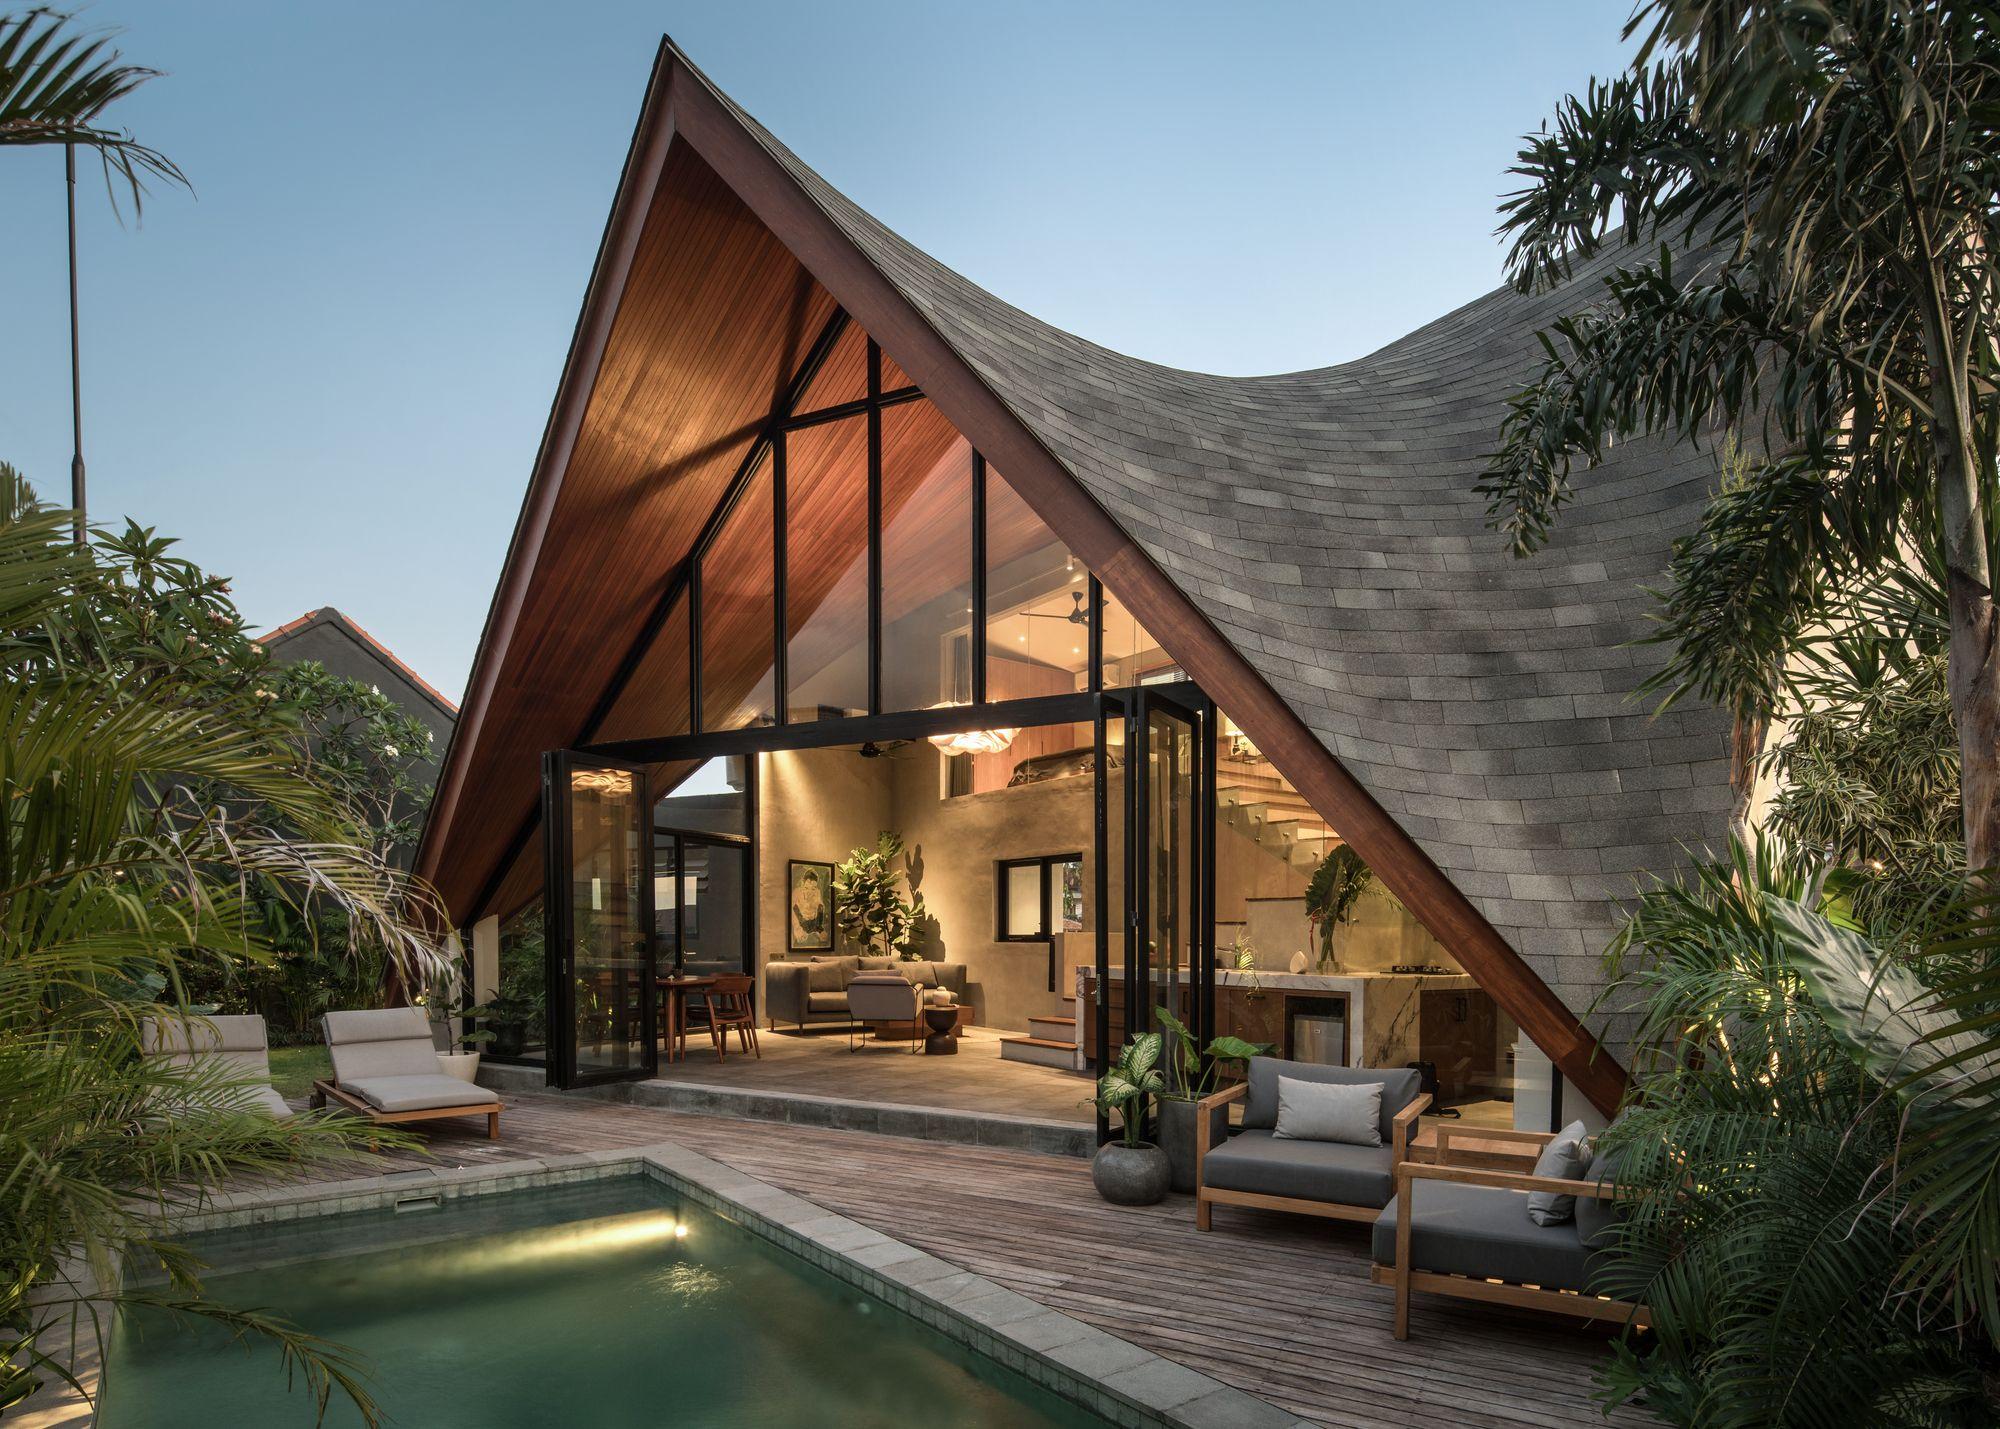 River Studio Alexis Dornier In 2020 Architecture River House Roof Design